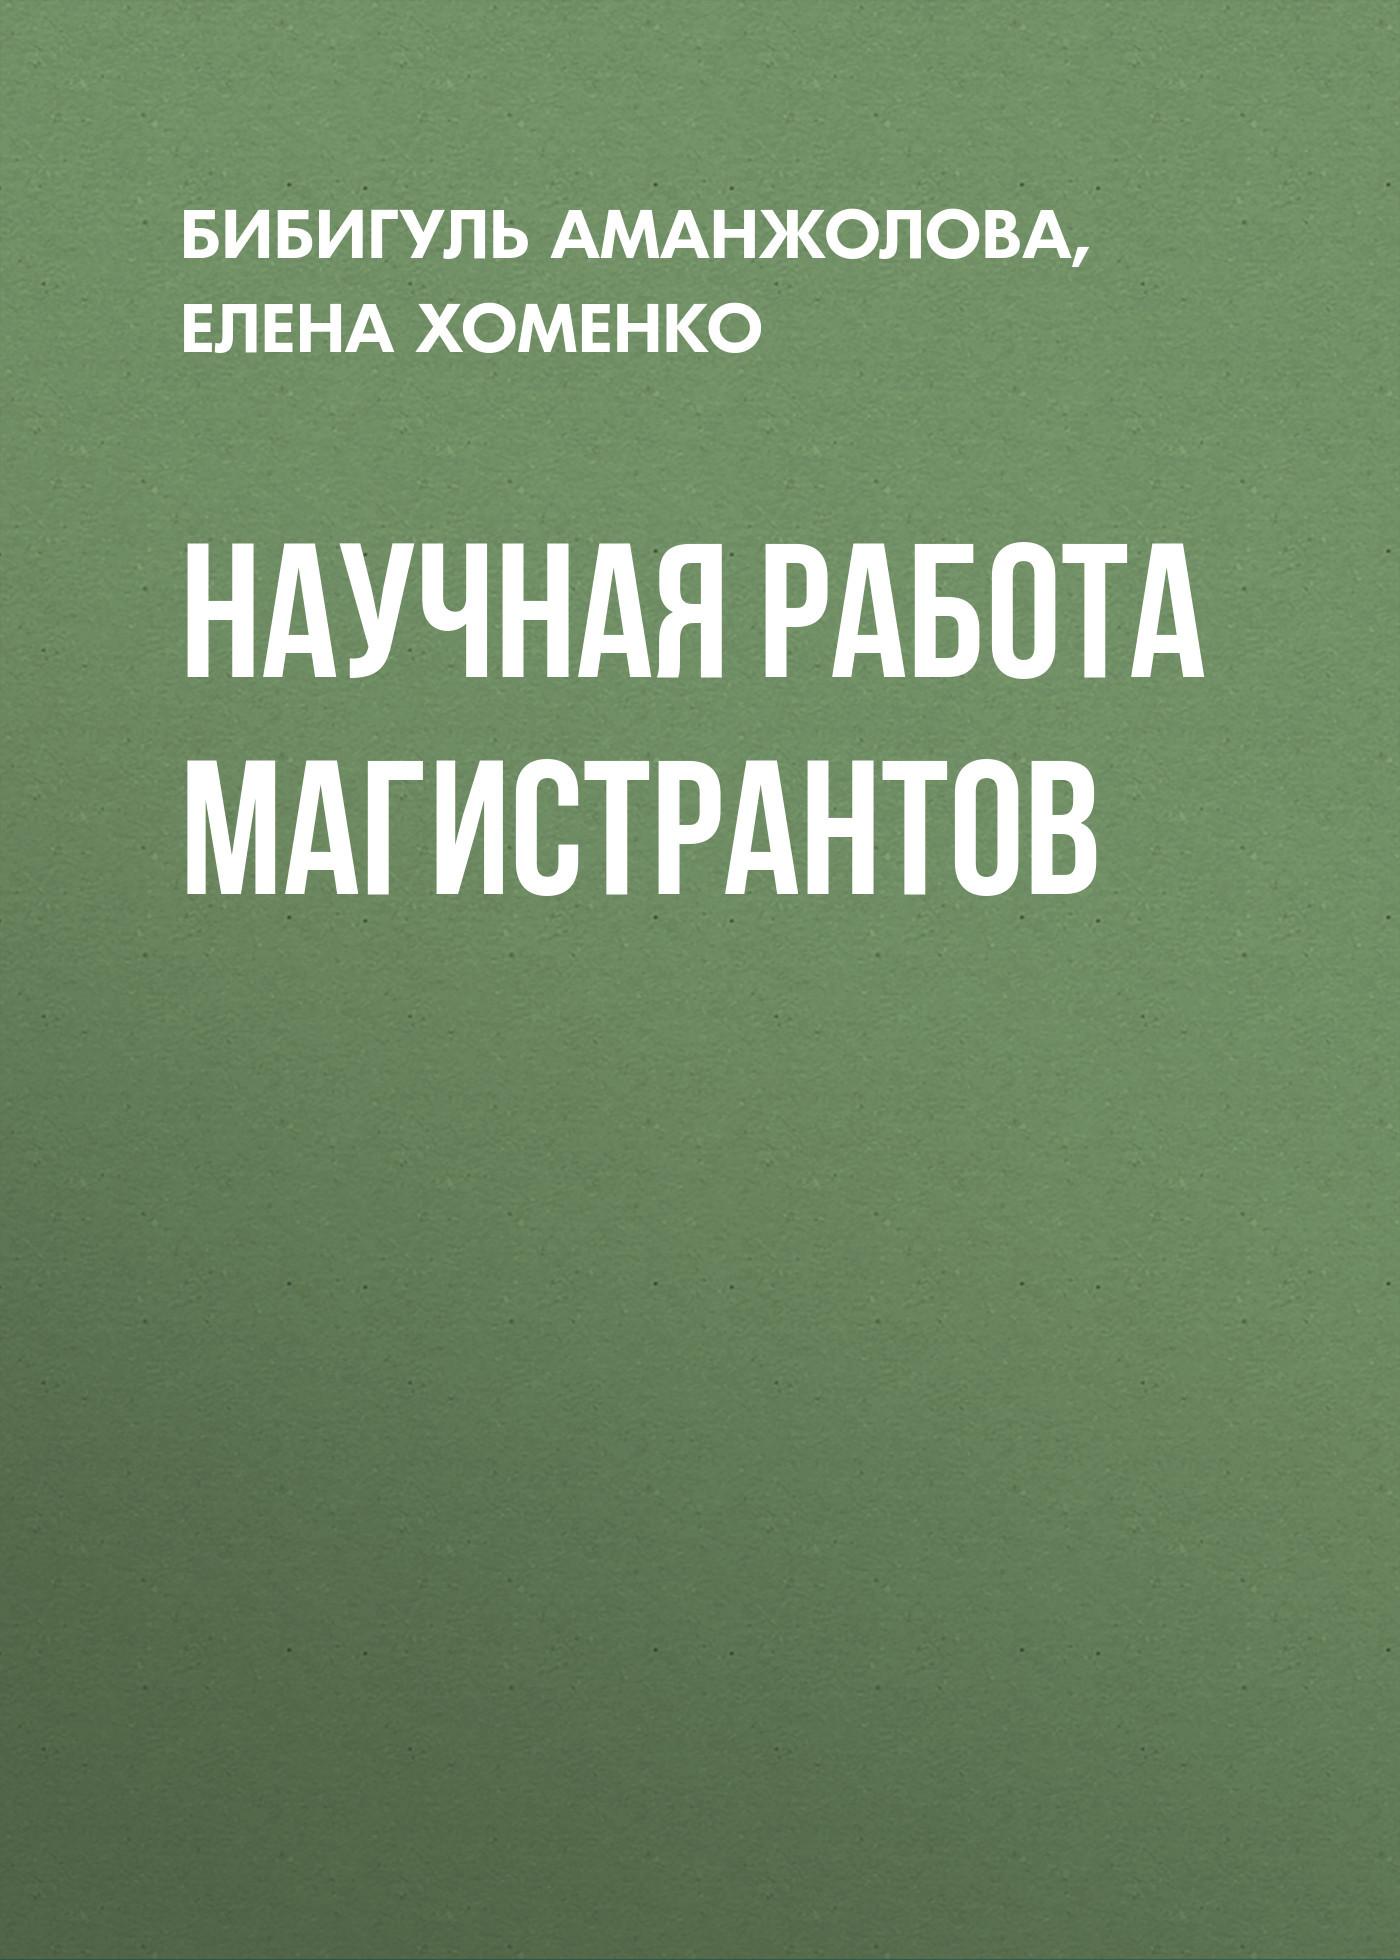 все цены на Елена Хоменко Научная работа магистрантов онлайн